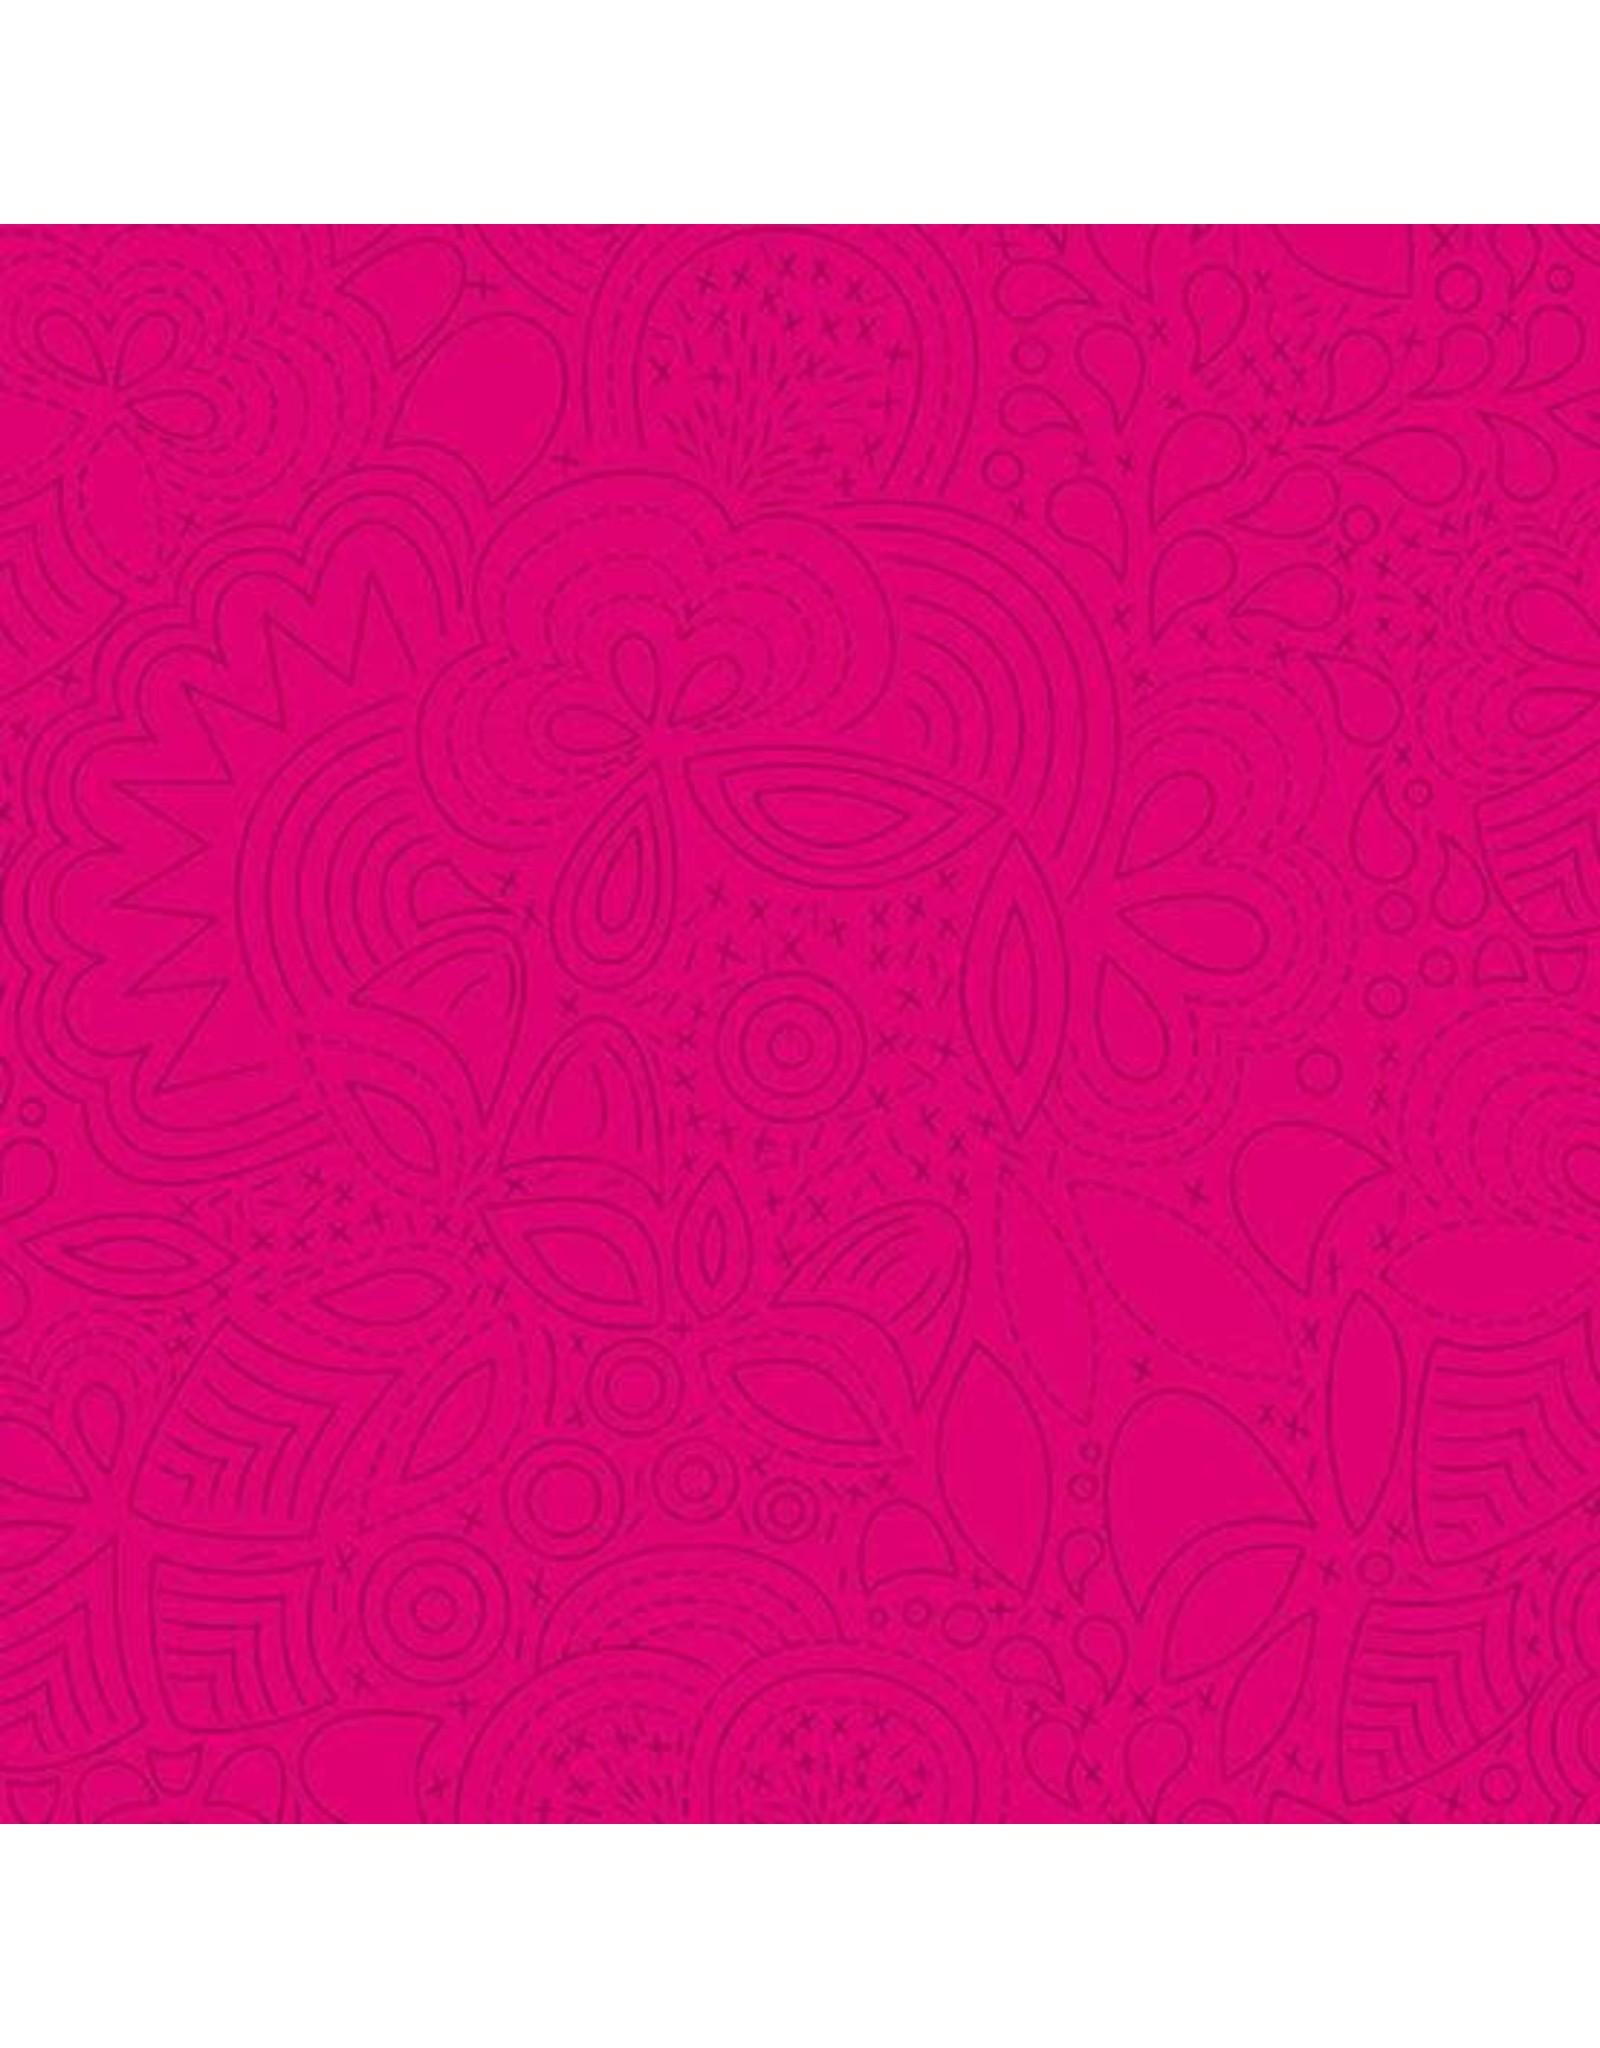 Alison Glass Sun Print 2020, Stitched in Iodine, Fabric Half-Yards A-8450-E1